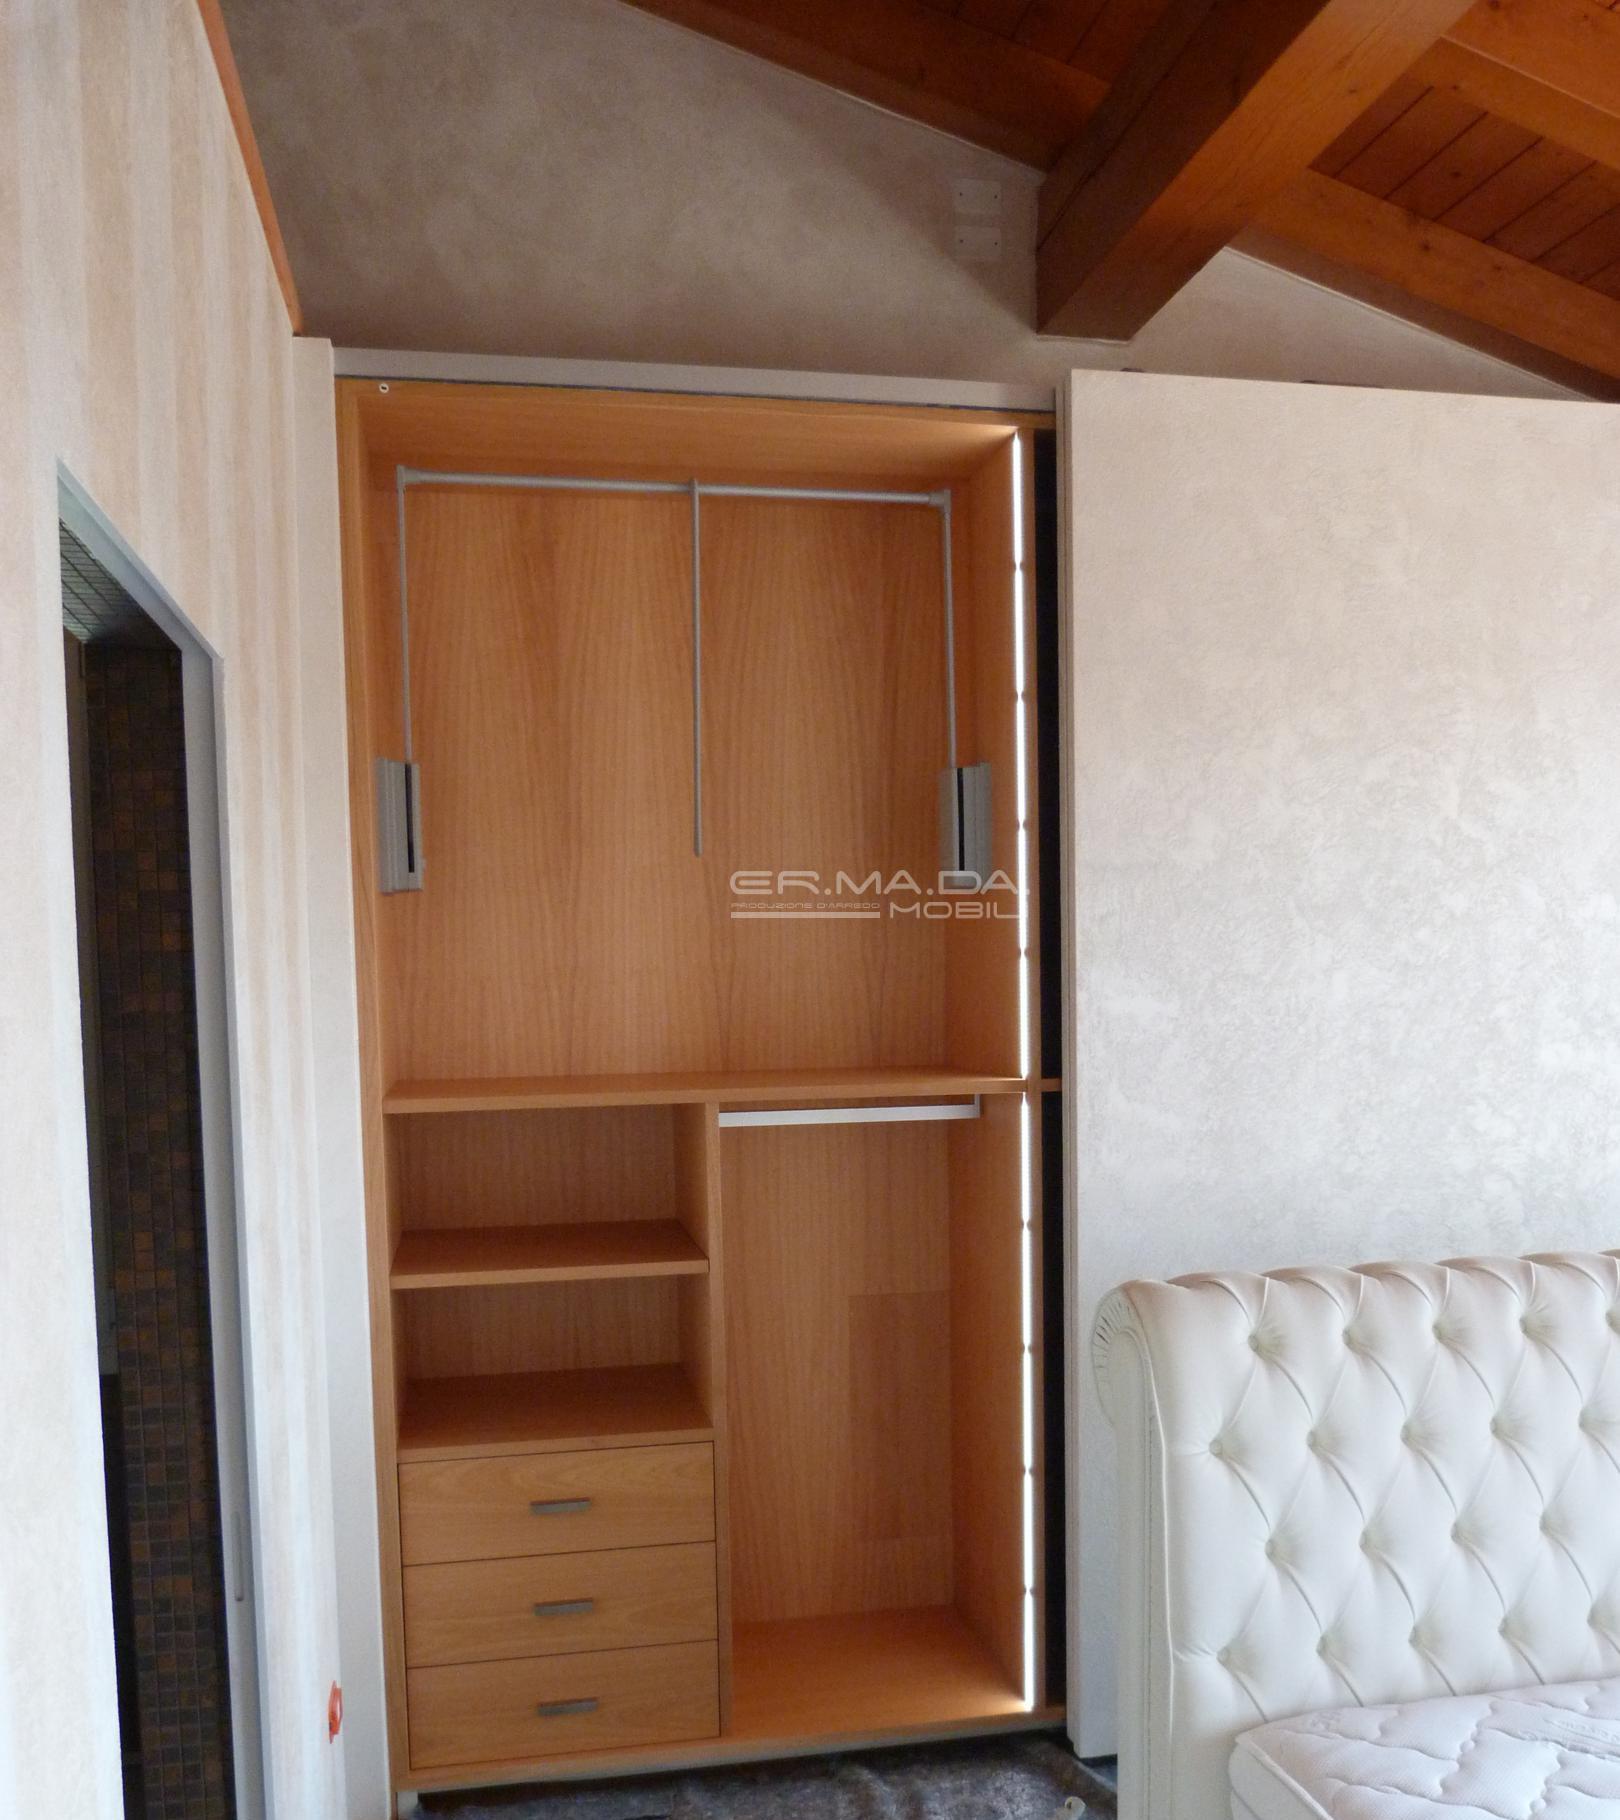 20 camera matrimoniale classica er ma da mobilificio - Camera matrimoniale classica ...